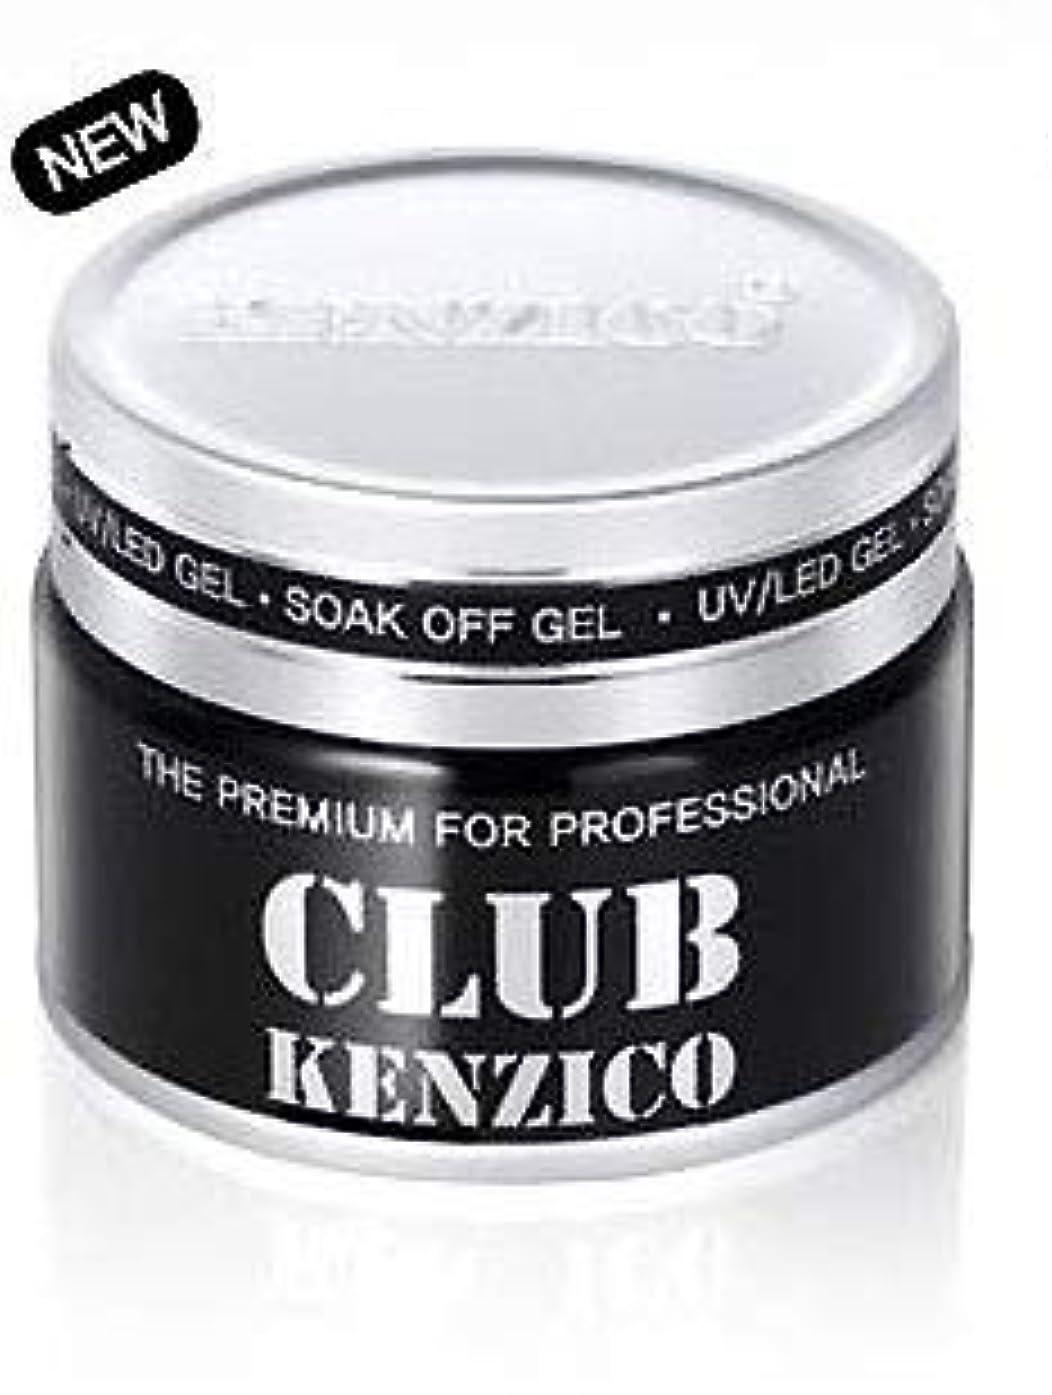 ホイッスルりウッズKENZICO (ケンジコ) クリアージェル 25g オーバーレイ、スカルプチュア、ネイルパーツ作りなどに使えるクリアジェル